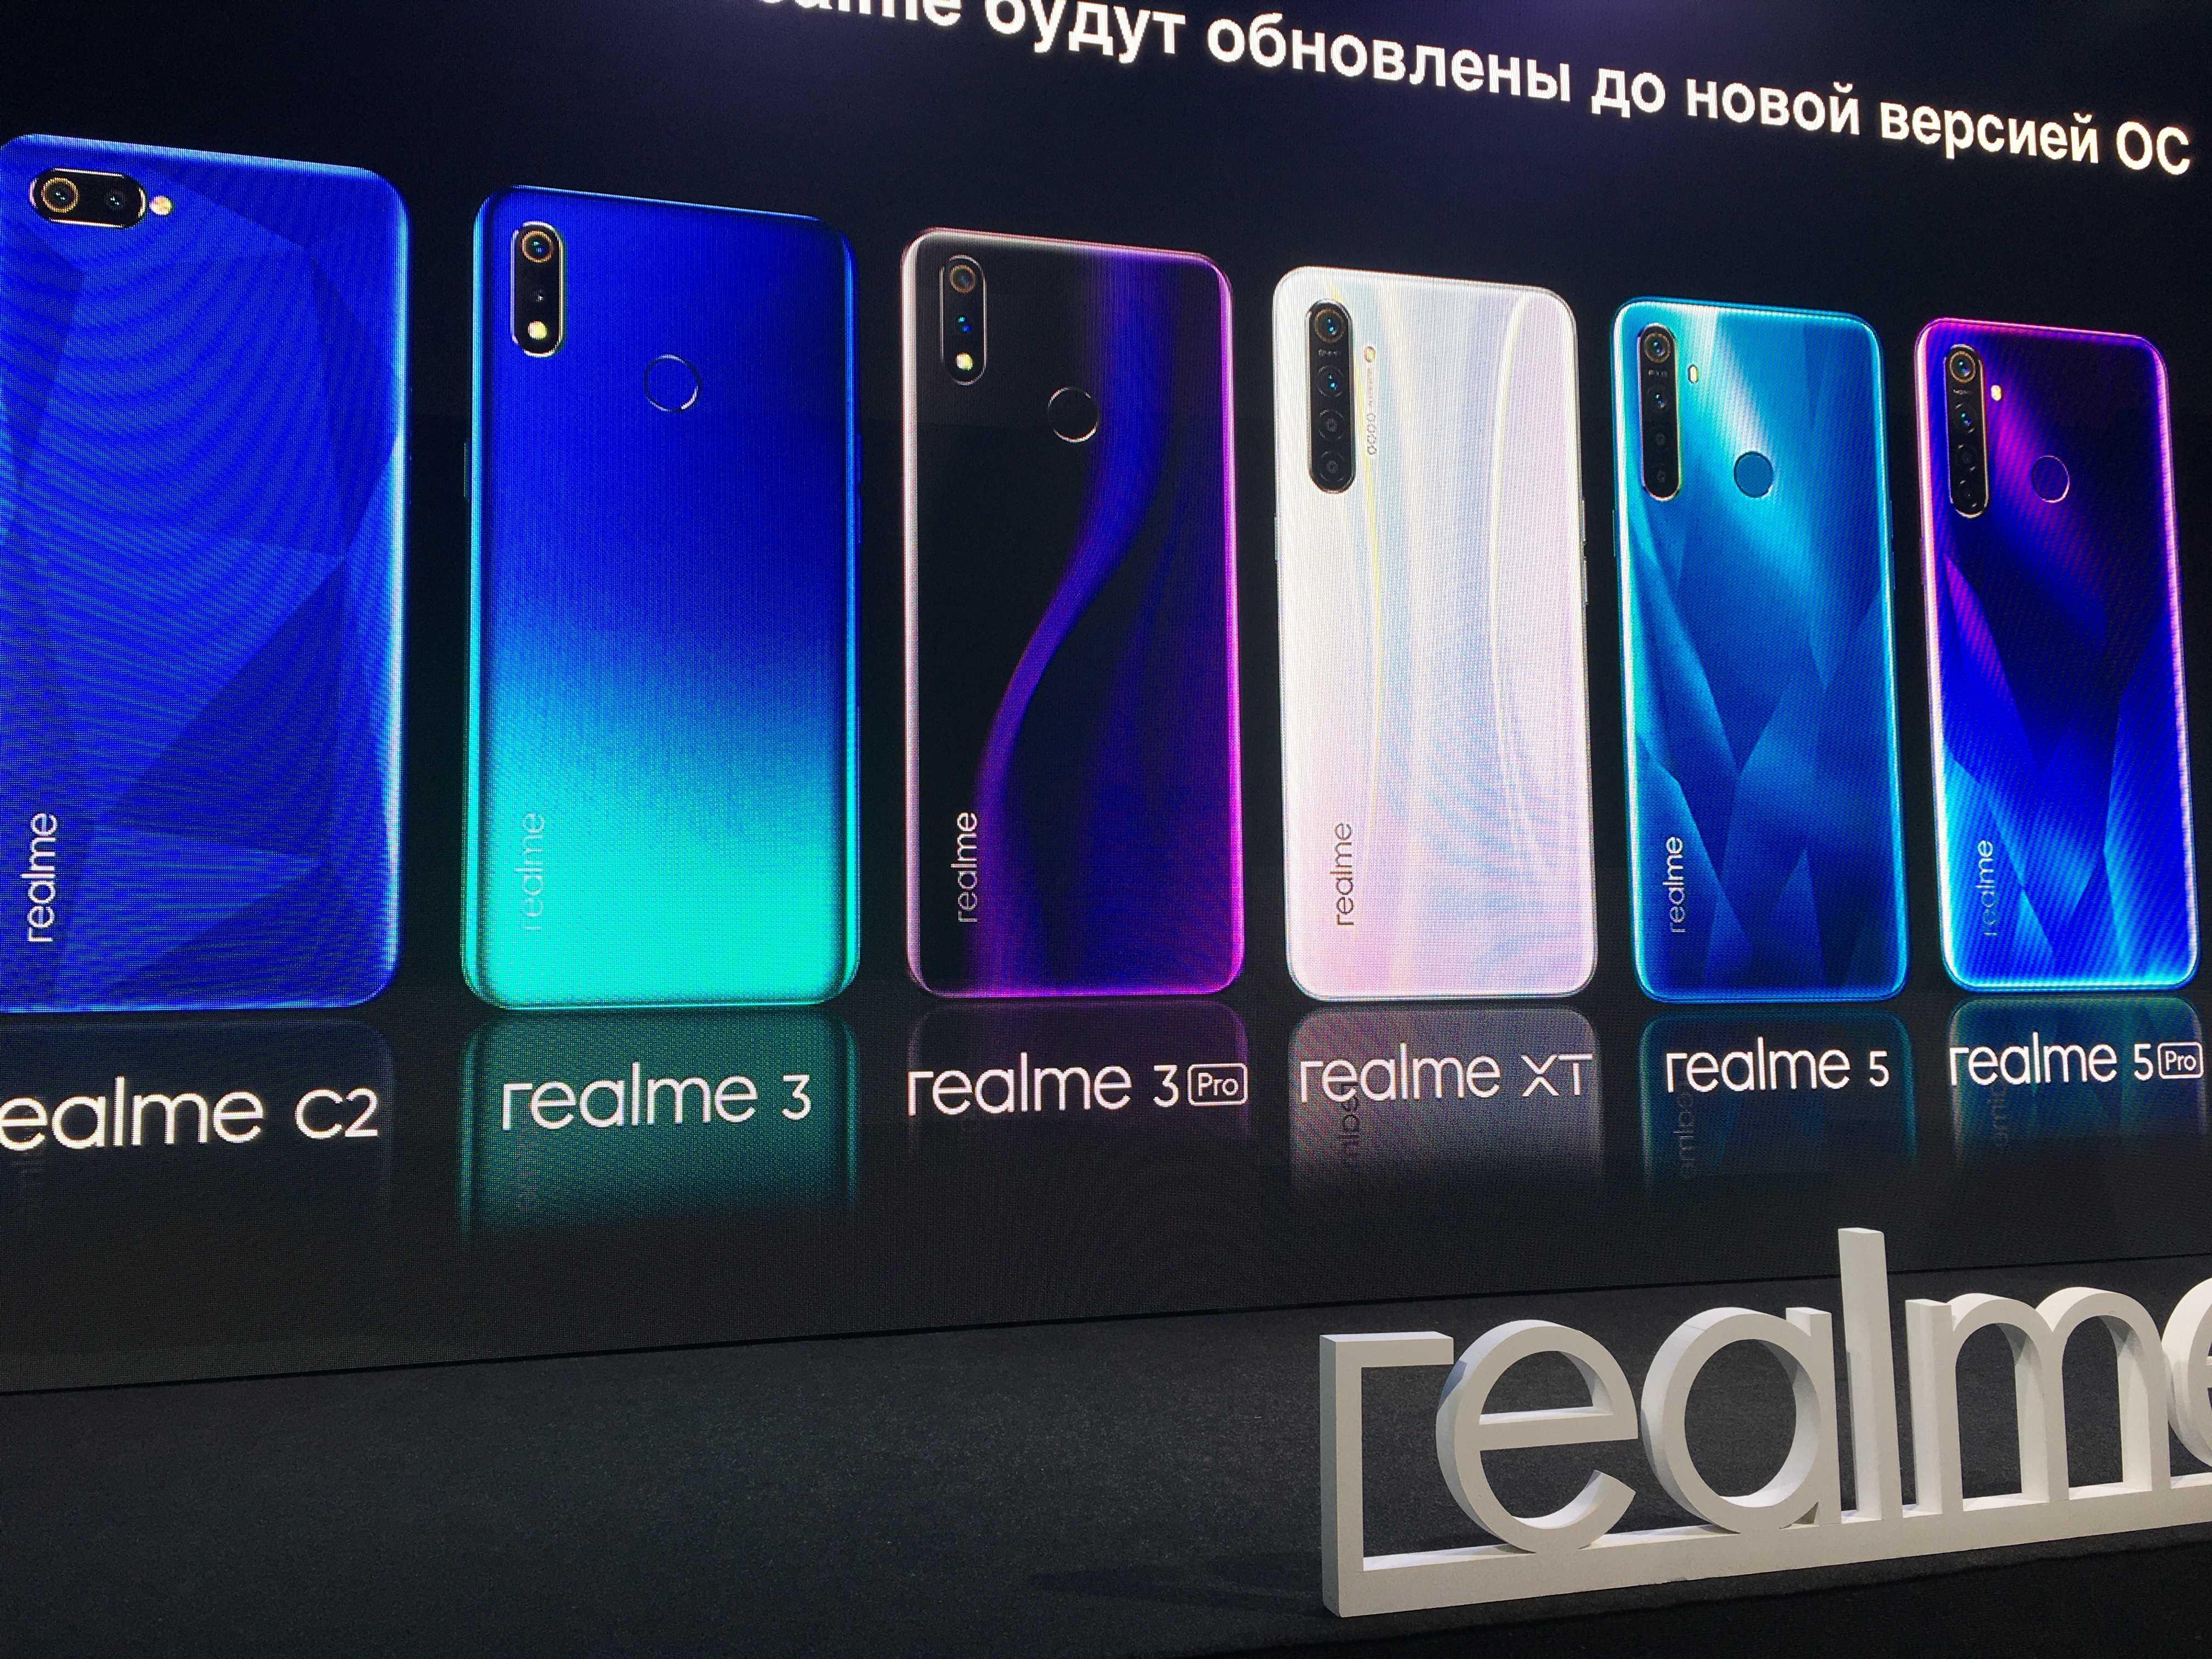 Незадолго до премьеры Realme 7i специалисты из Индонезии представили на просторах Instagram фотографии новинки Судя по всему эти фотографии соответствуют